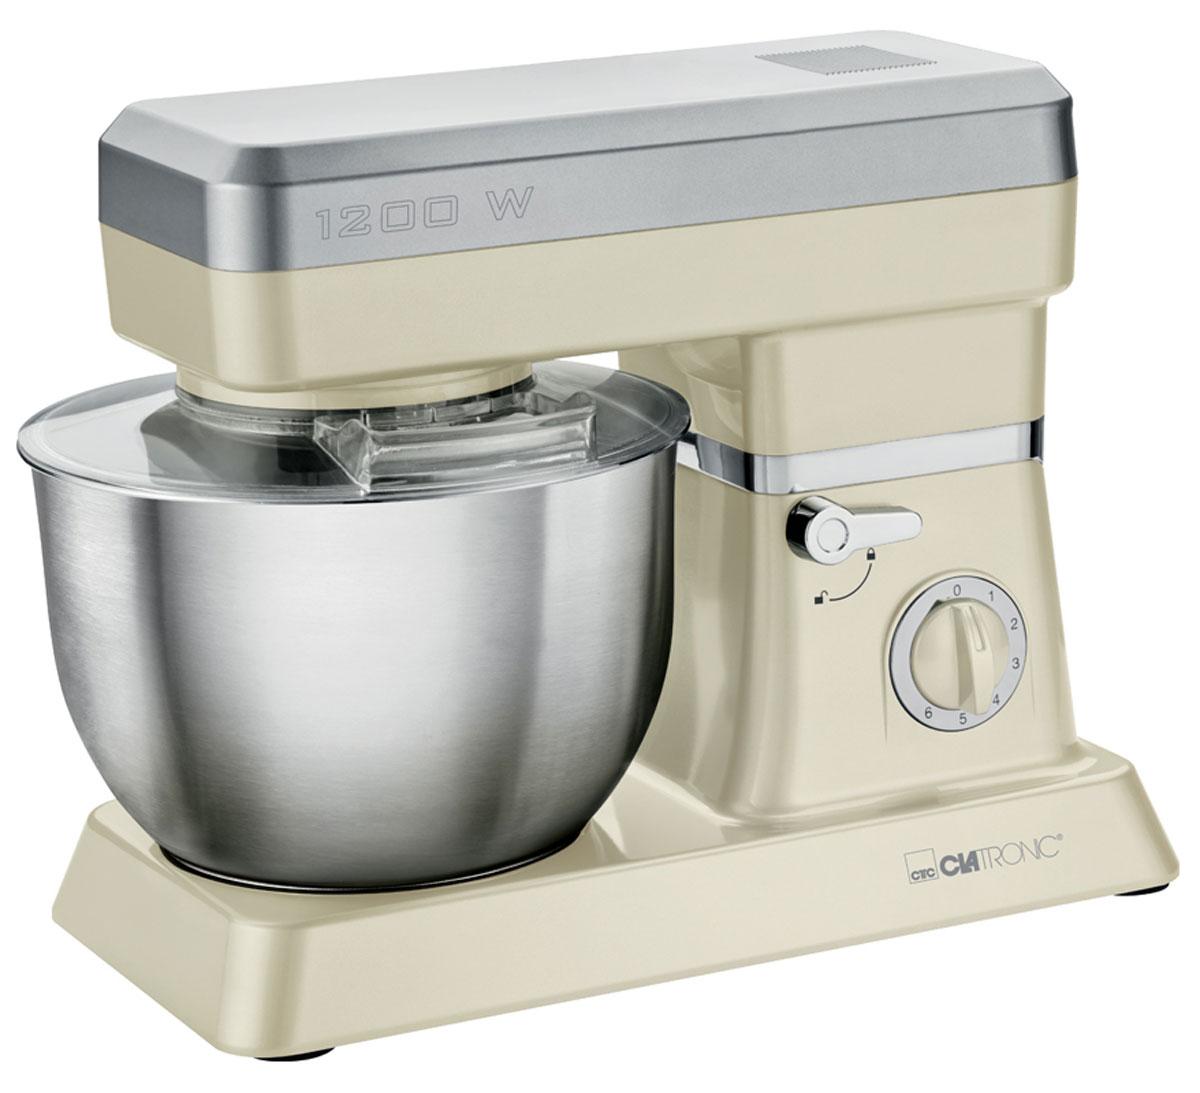 Clatronic KM 3630, Creme кухонный комбайнKM 3630 cremeСтационарный миксер Clatronic KM 3630 станет прекрасным помощником для любой хозяйки С ним вы сможете готовить невероятно вкусные и аппетитные блюда, при этом сократив время их приготовление. Основным назначением прибора является изготовление различных видов теста и кремов. Миксер качественно и быстро перемешивает различные ингредиенты, что дает возможность избежать комочков.Clatronic KM 3630 снабжен чашей из нержавеющей стали и механической системой управления. 6 скоростей замешивания + импульсный режим обеспечат наилучший результат.Поворотный рукав на 35°Чаша из нержавеющей сталиБыстрозажимной патронЛегко разбирается для мытья и чистки